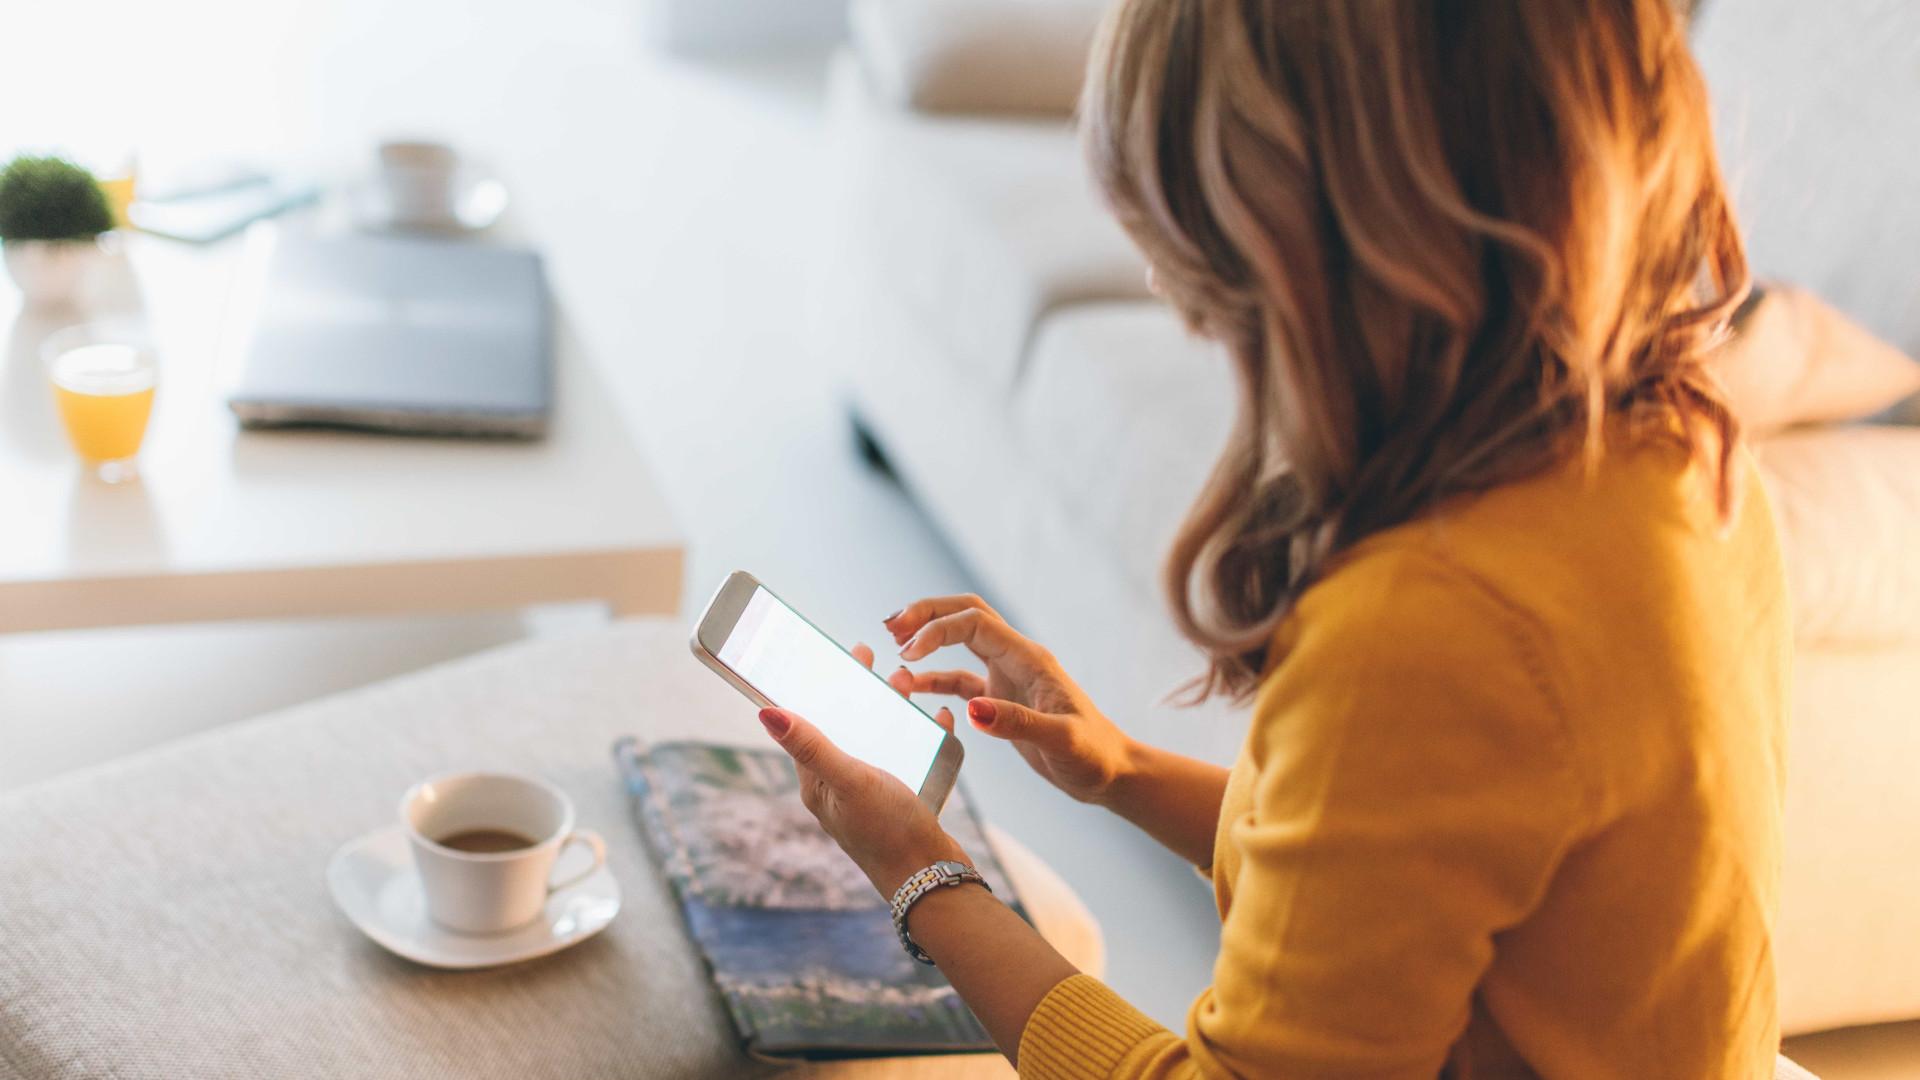 Cinco dicas para fazer compras seguras com dispositivos móveis